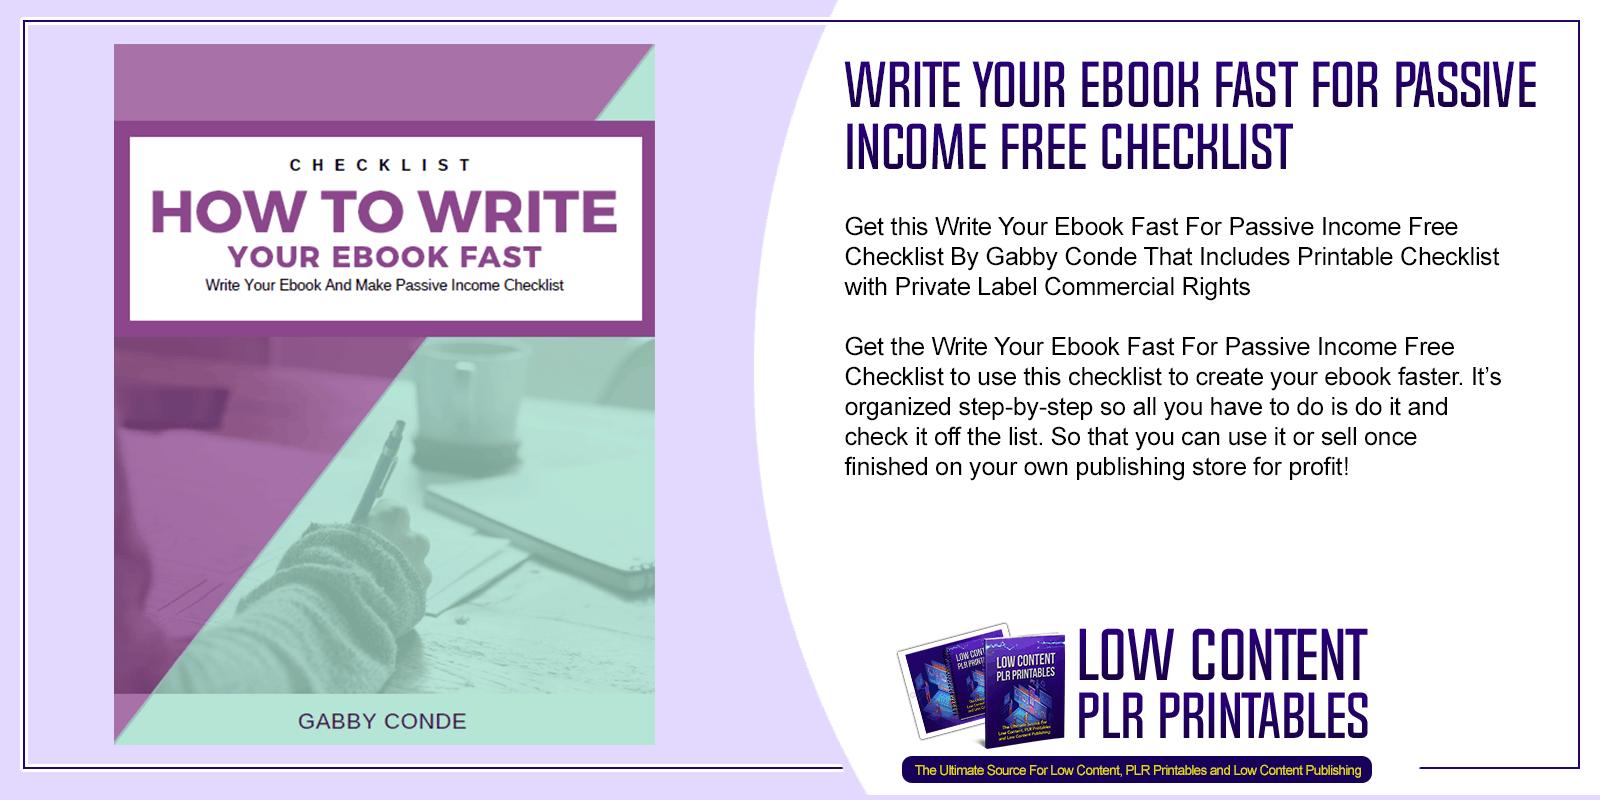 Write Your Ebook Fast For Passive Income Free Checklist